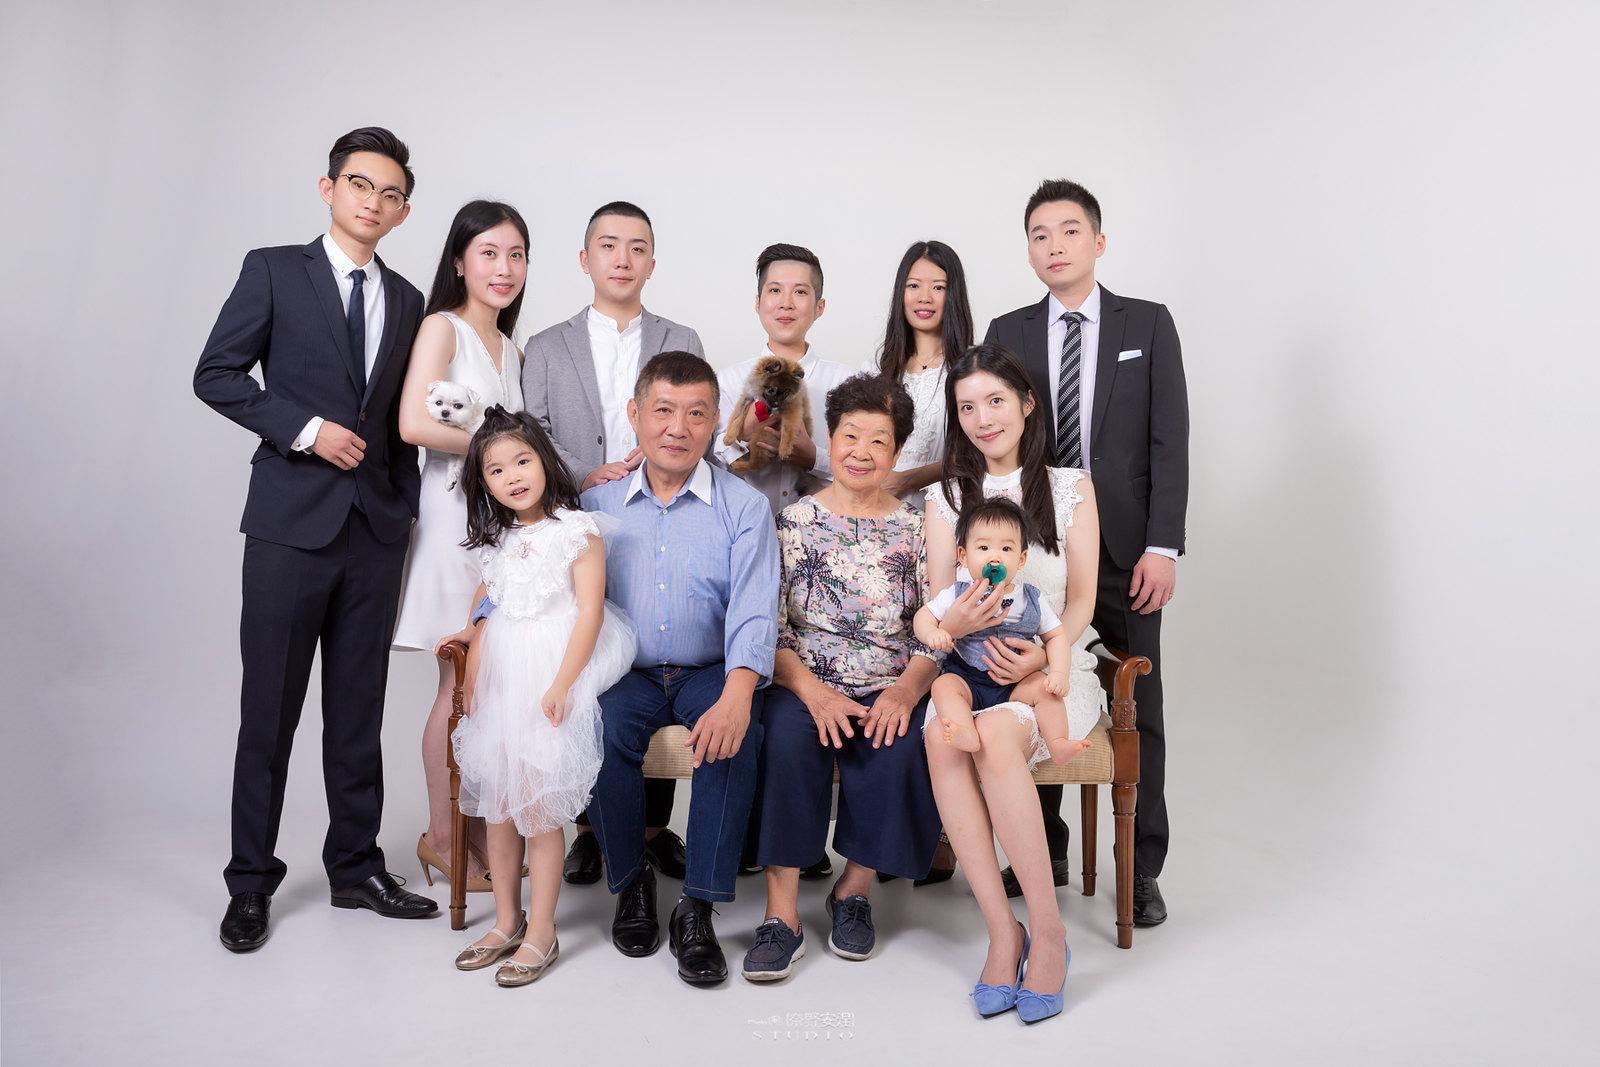 台南全家福 | 拋棄傳統合照的彆扭,忠實呈現家人間最親密的情感2